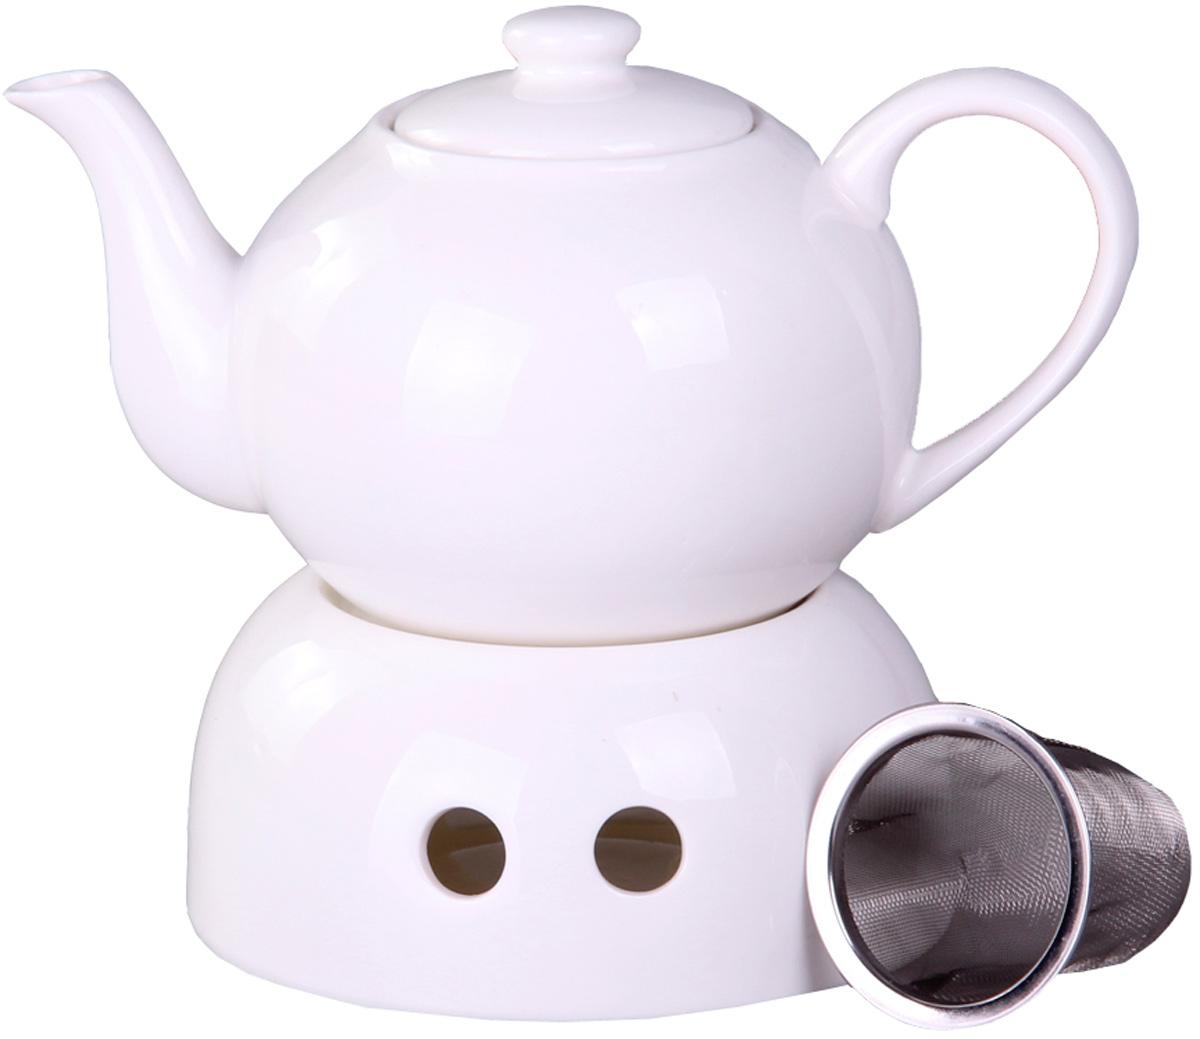 Чайник Patricia, с подогревом, с металлическим фильтром, 700 мл. IM04-0901IM04-0901Цейлонский черный, зеленый с жасмином, травяной или ягодный- неважно. Любой чай в таком чайнике станет для вас наслаждением, поводом отдохнуть и перевести дыхание. Настоящие ценители этого напитка пьют только заварной чай, именно поэтому такой чай- незаменимый предмет на кухне у гостеприимной хозяйки.